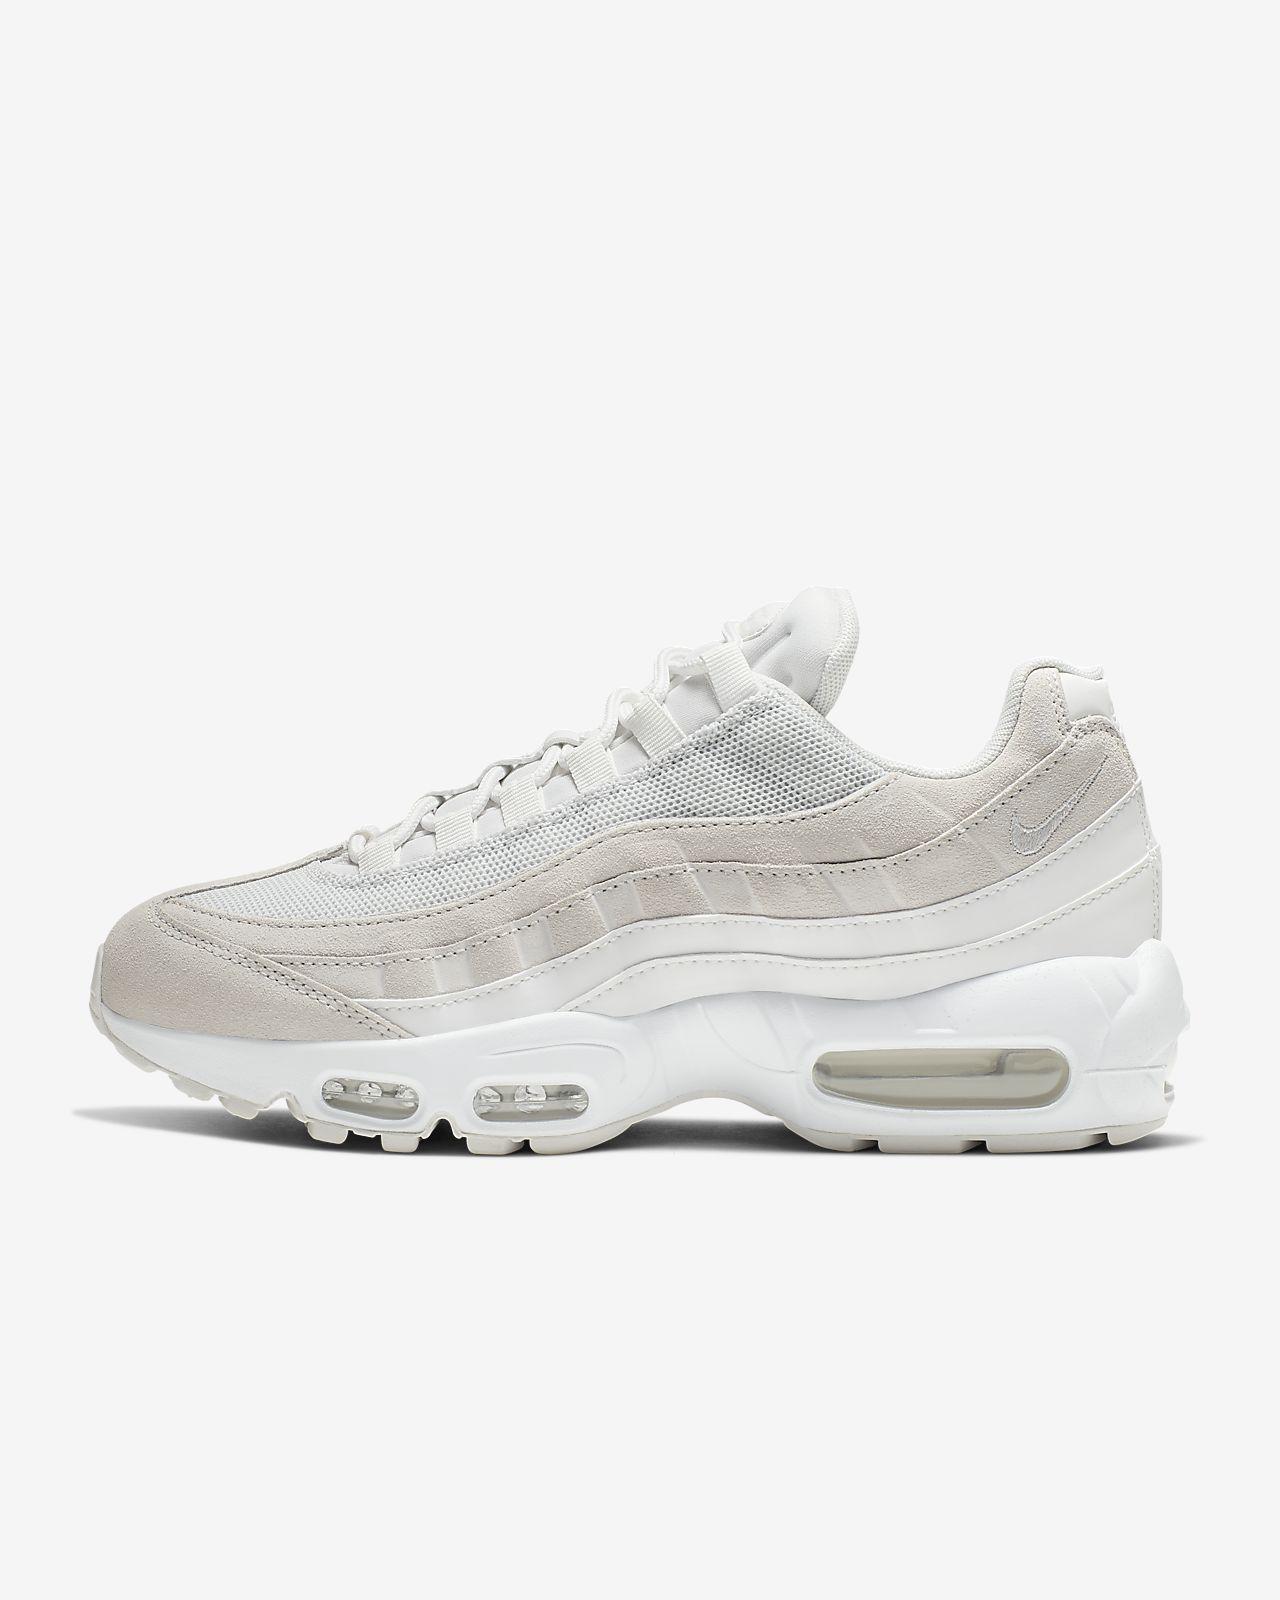 รองเท้าผู้หญิง Nike Air Max 95 Premium